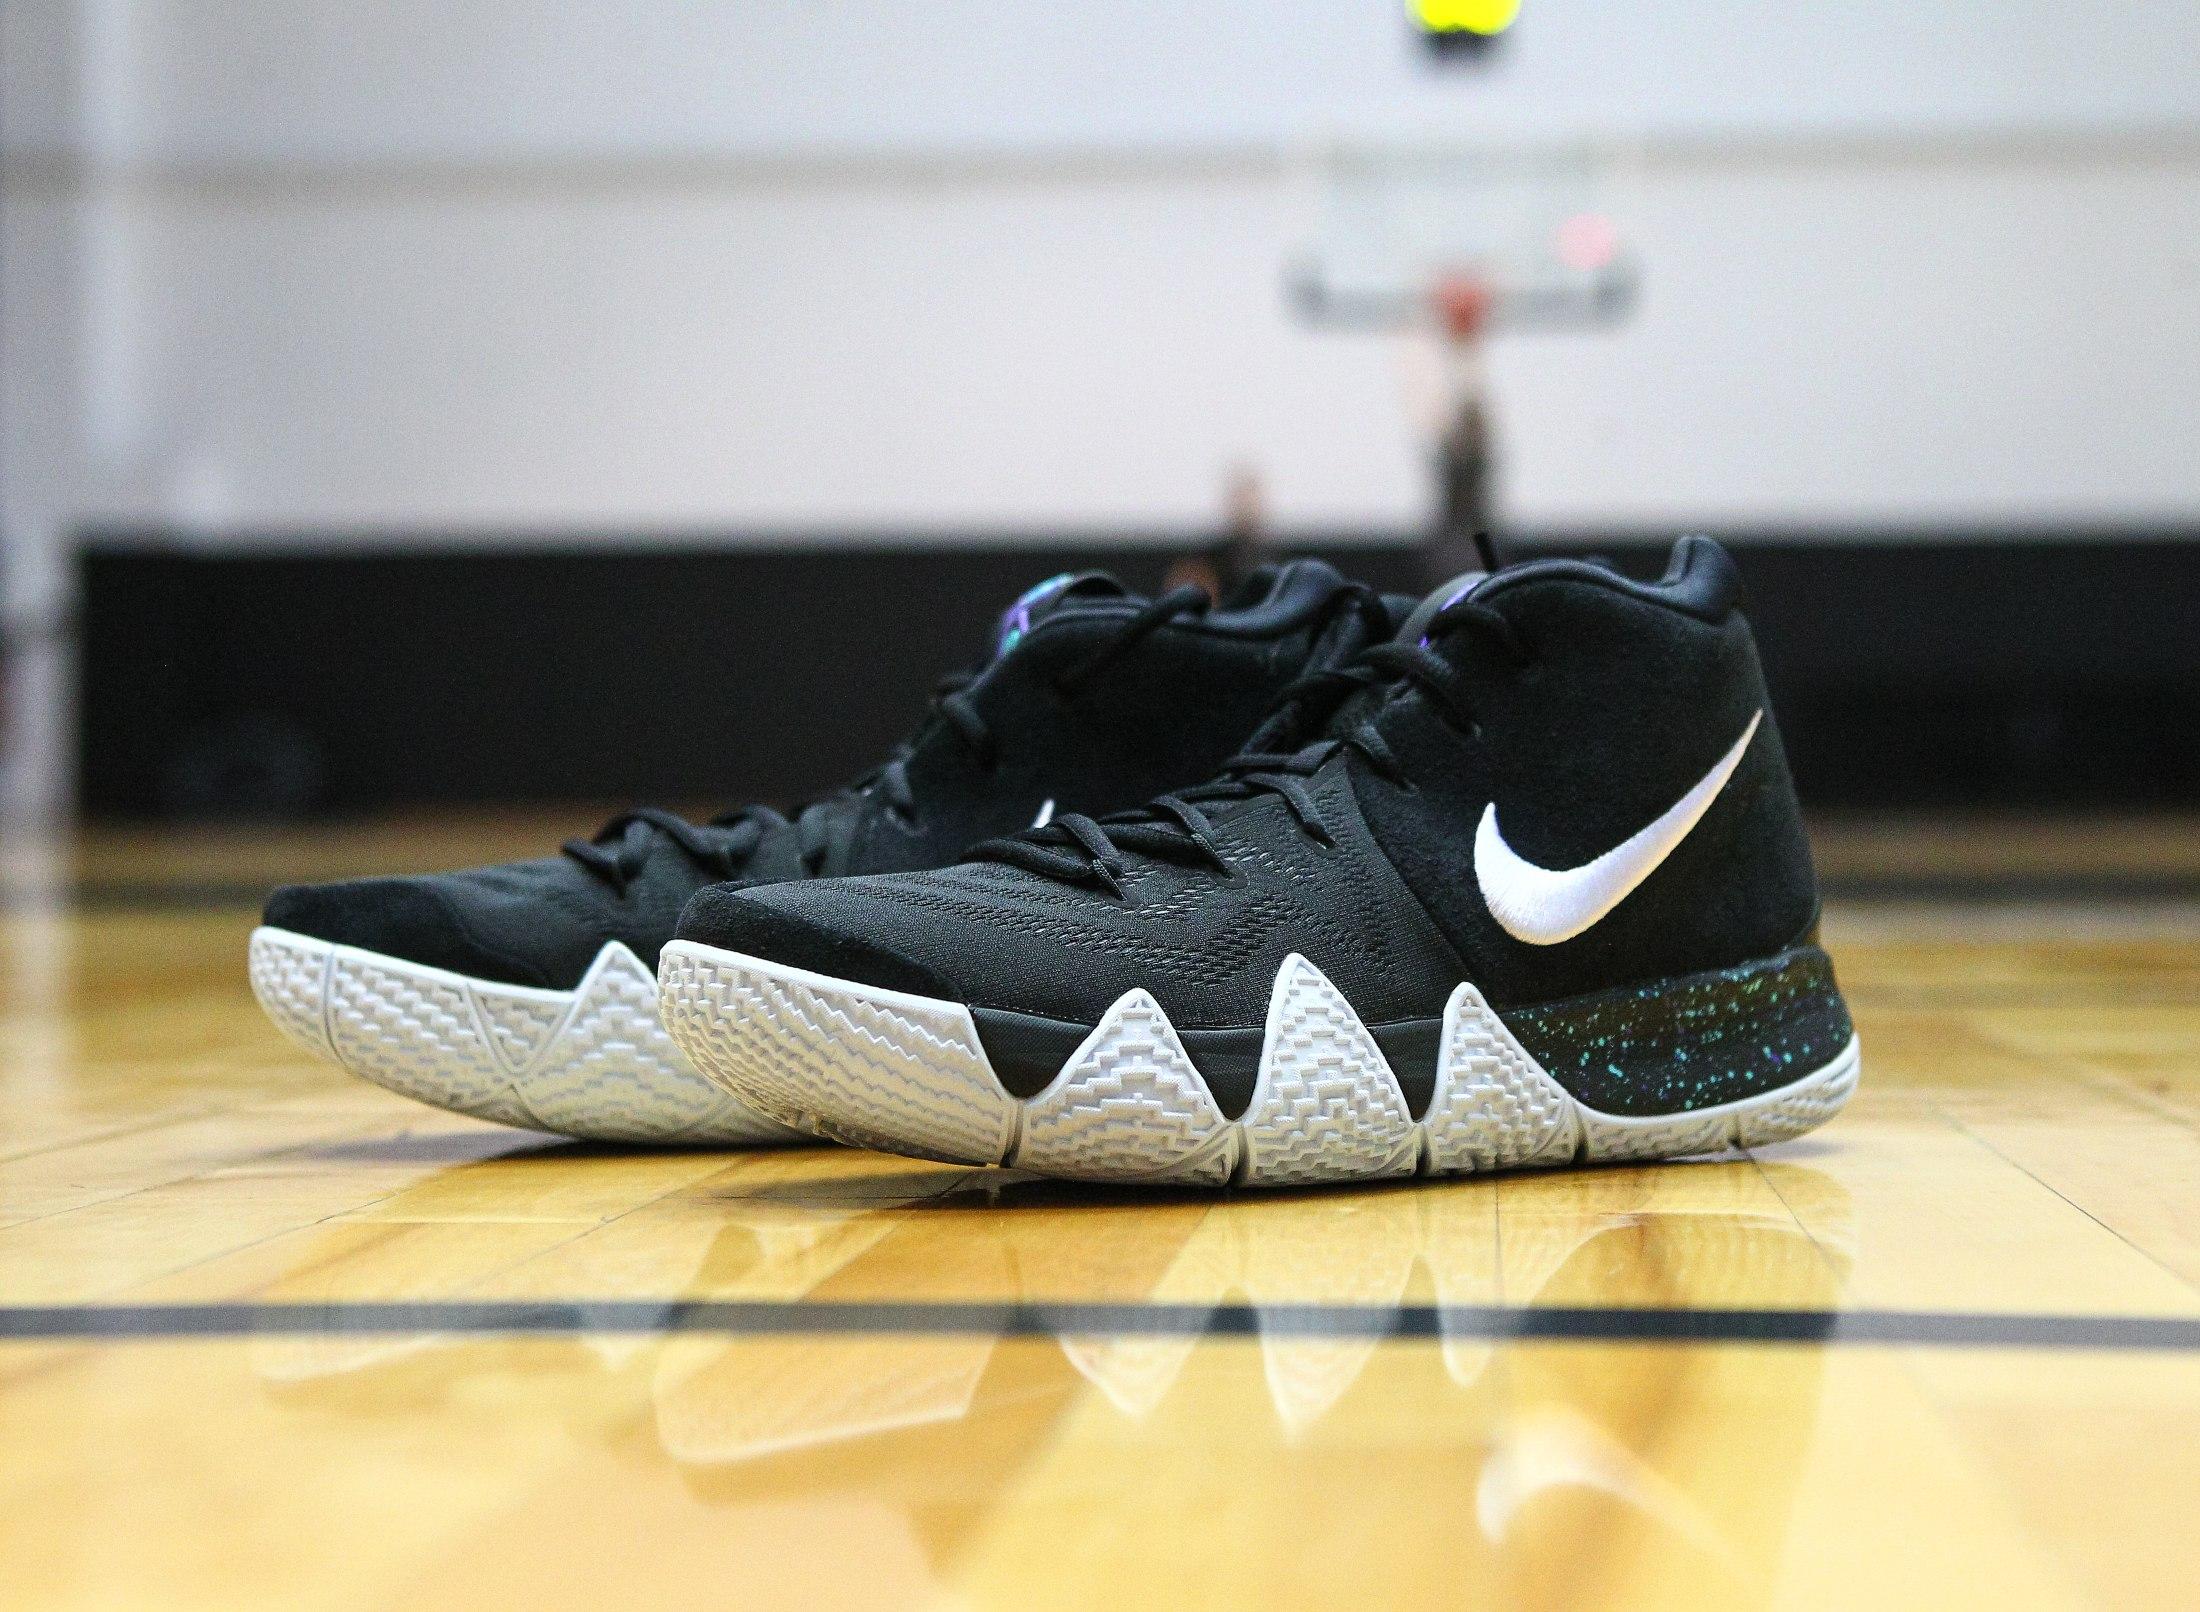 f0faecfc Ставлю все пятёрки Nike Kyrie 4 и вангую, что эти кроссовки станут супер  хитом этого сезона и до скидок не доживут.